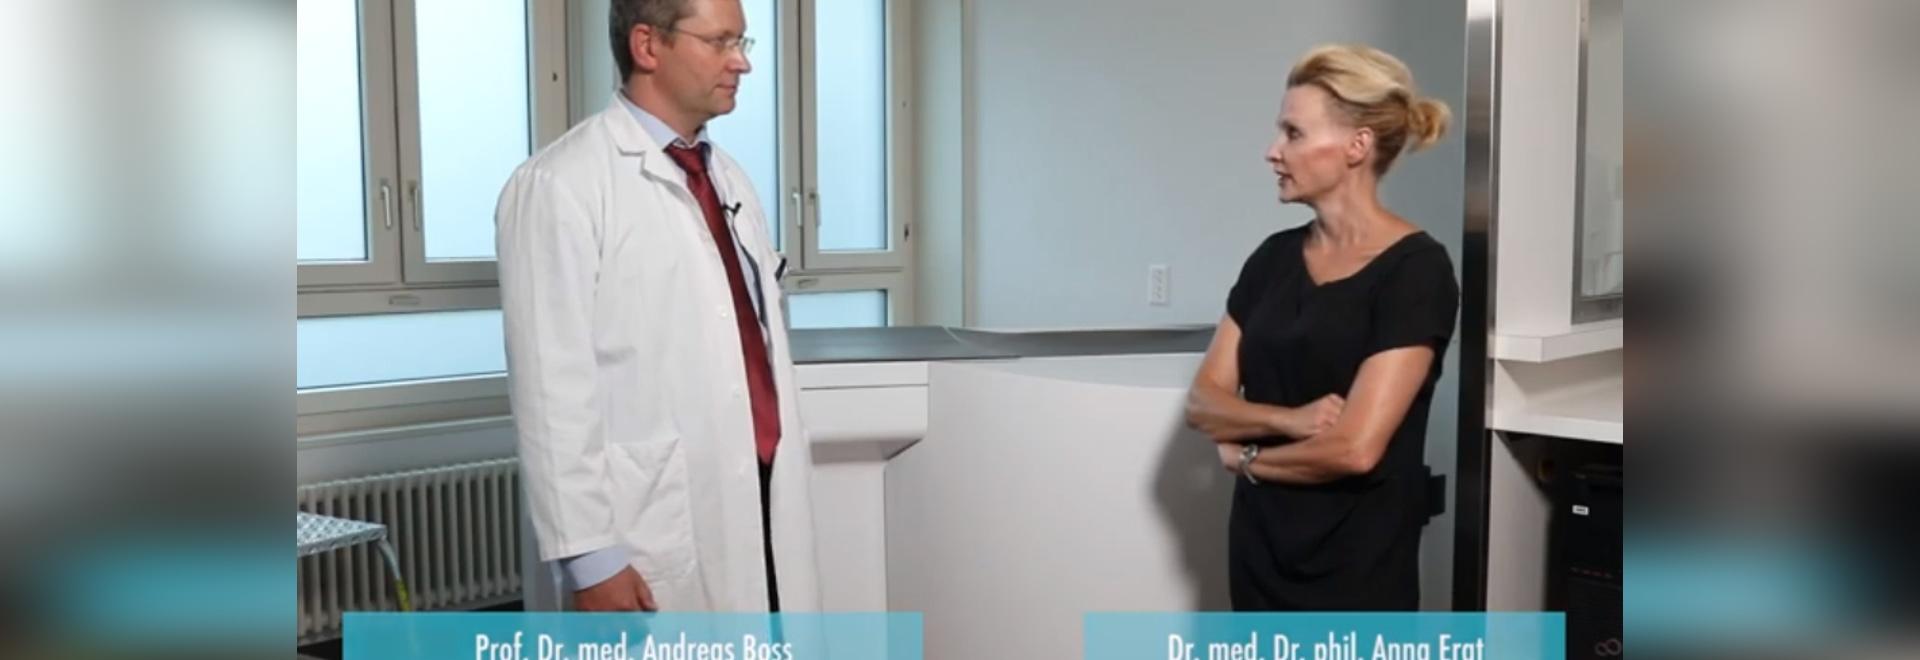 Médecine de la prochaine génération - Alternative à la mammographie